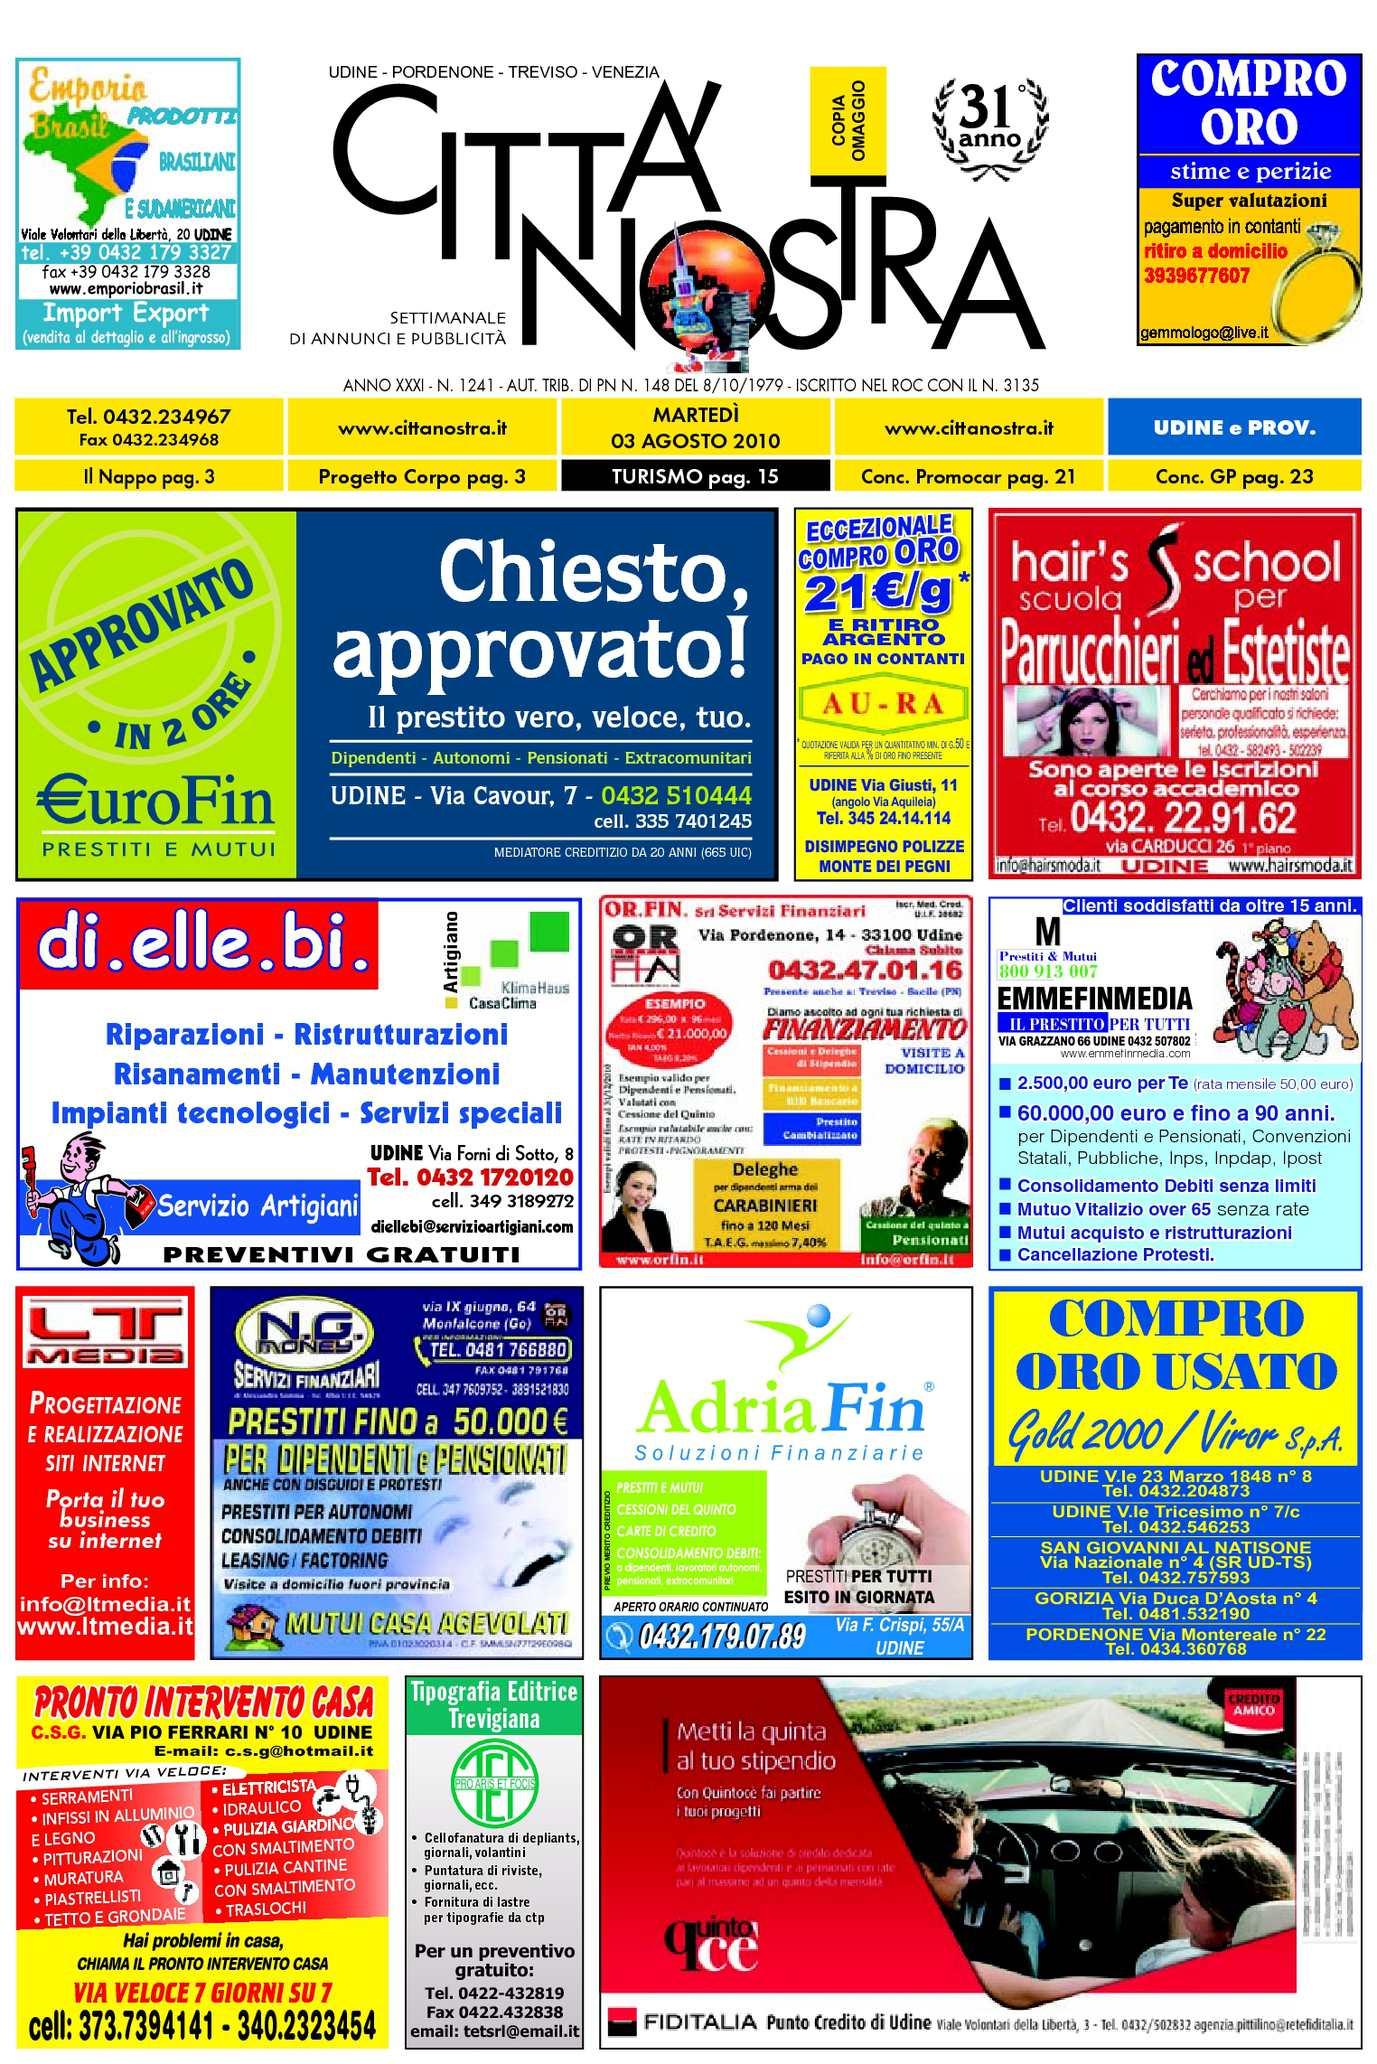 Protettore degli automobilisti PORTACHIAVI acquisto Chip Carrello spesa euro